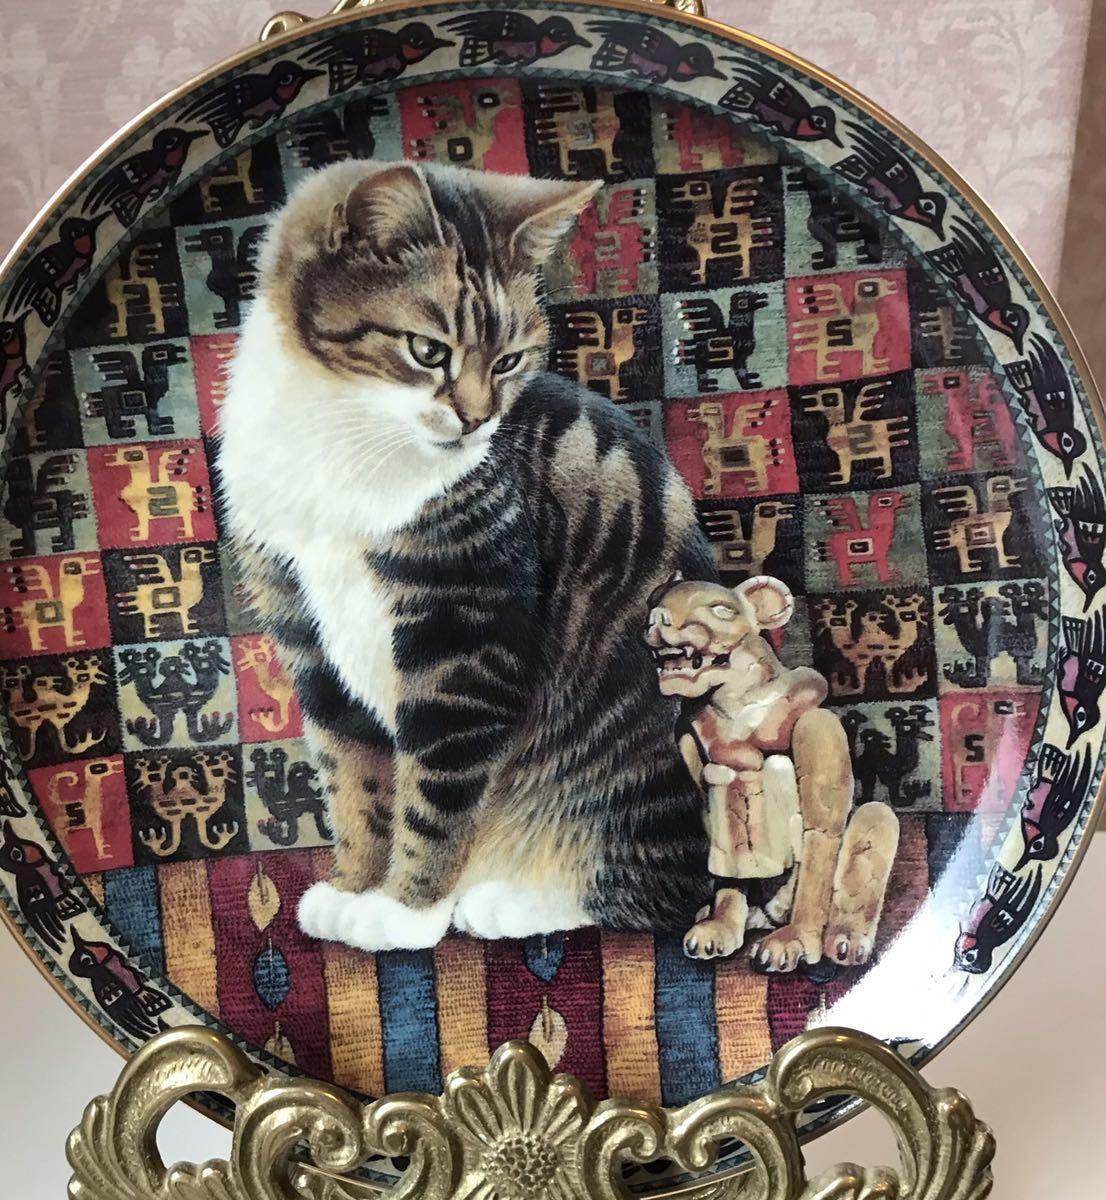 〈送料込〉レズリー アン アイボリー ダンバリーミント プレート 猫 ねこ キャット キャッツ 飾り皿 絵皿 Lesley Anne Ivory cat ⑦_画像1